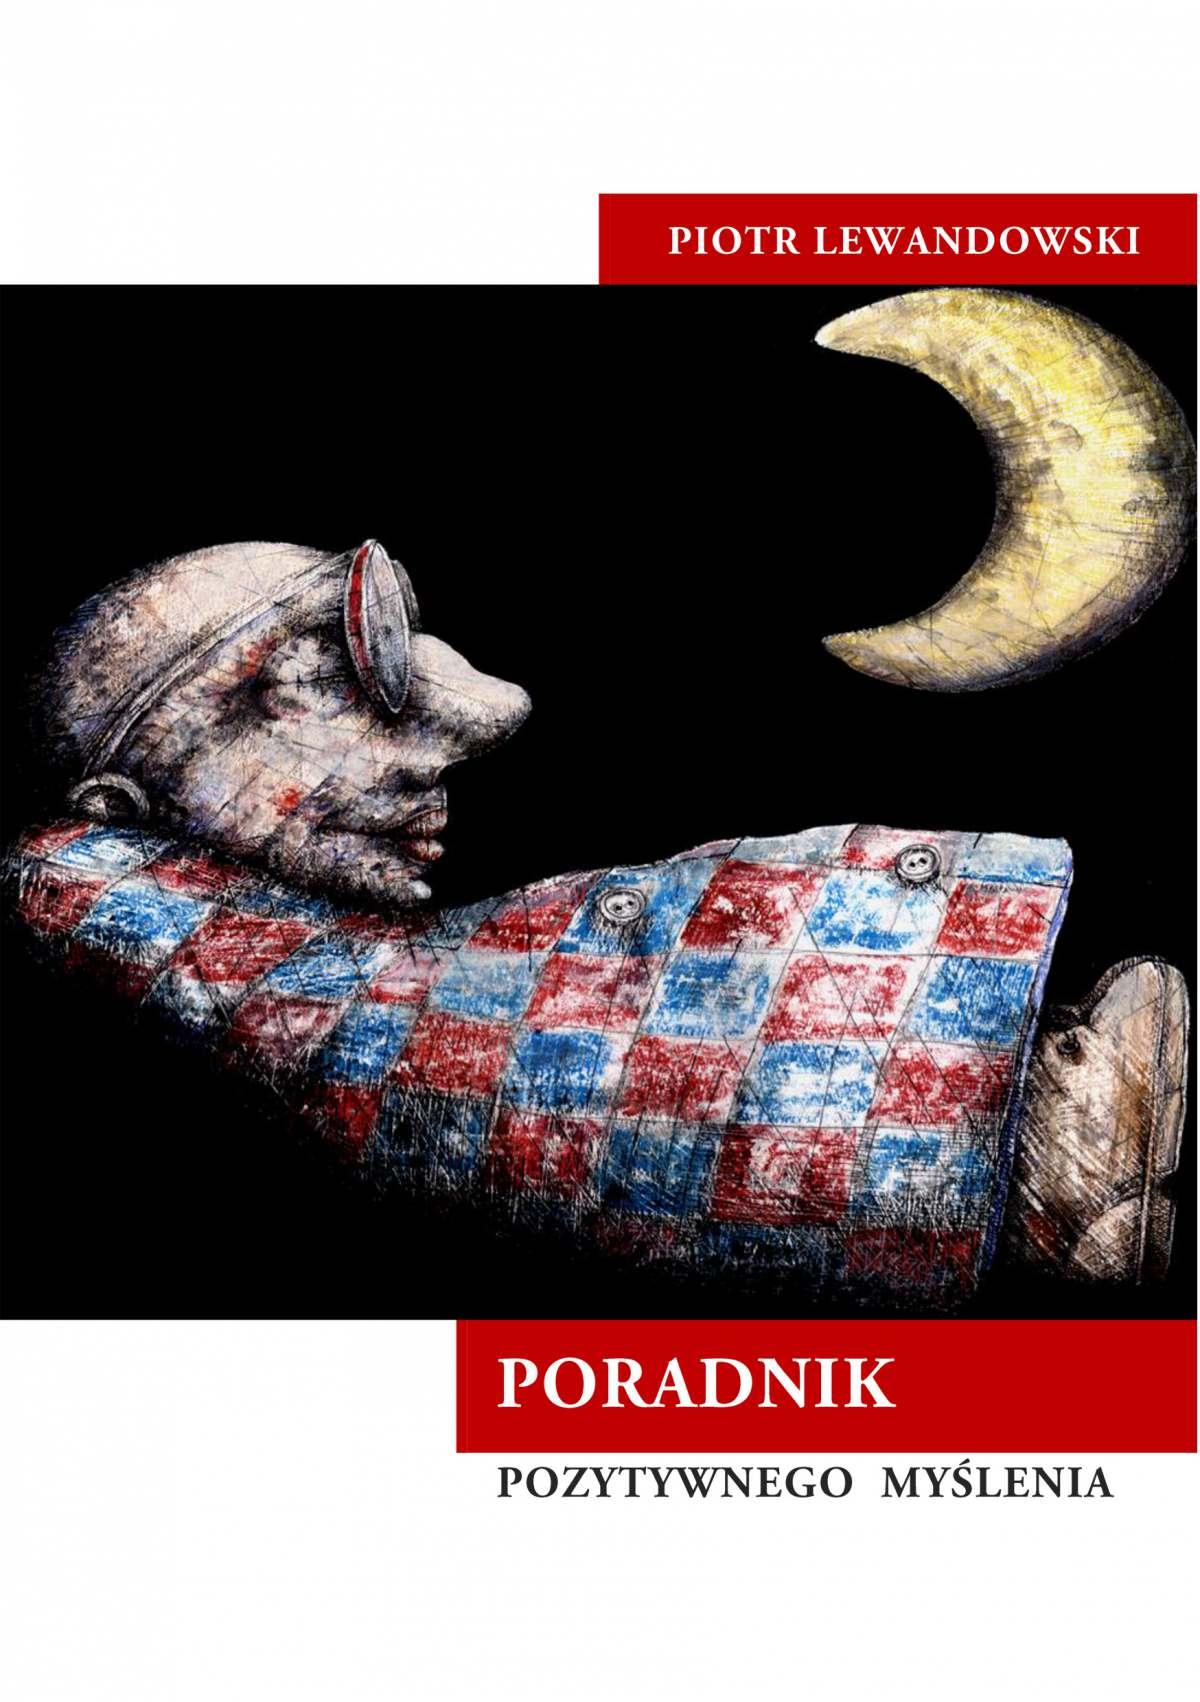 Poradnik pozytywnego myślenia - Ebook (Książka EPUB) do pobrania w formacie EPUB